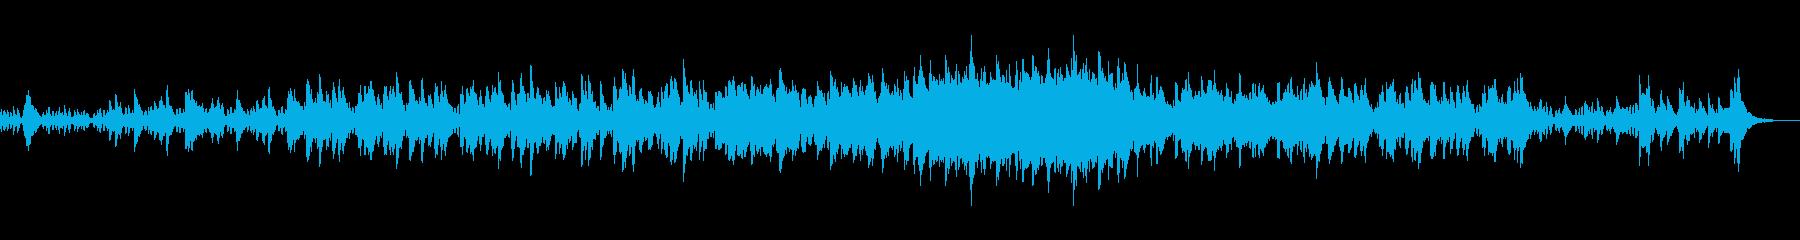 ストリングスとピアノのモダンポップスの再生済みの波形